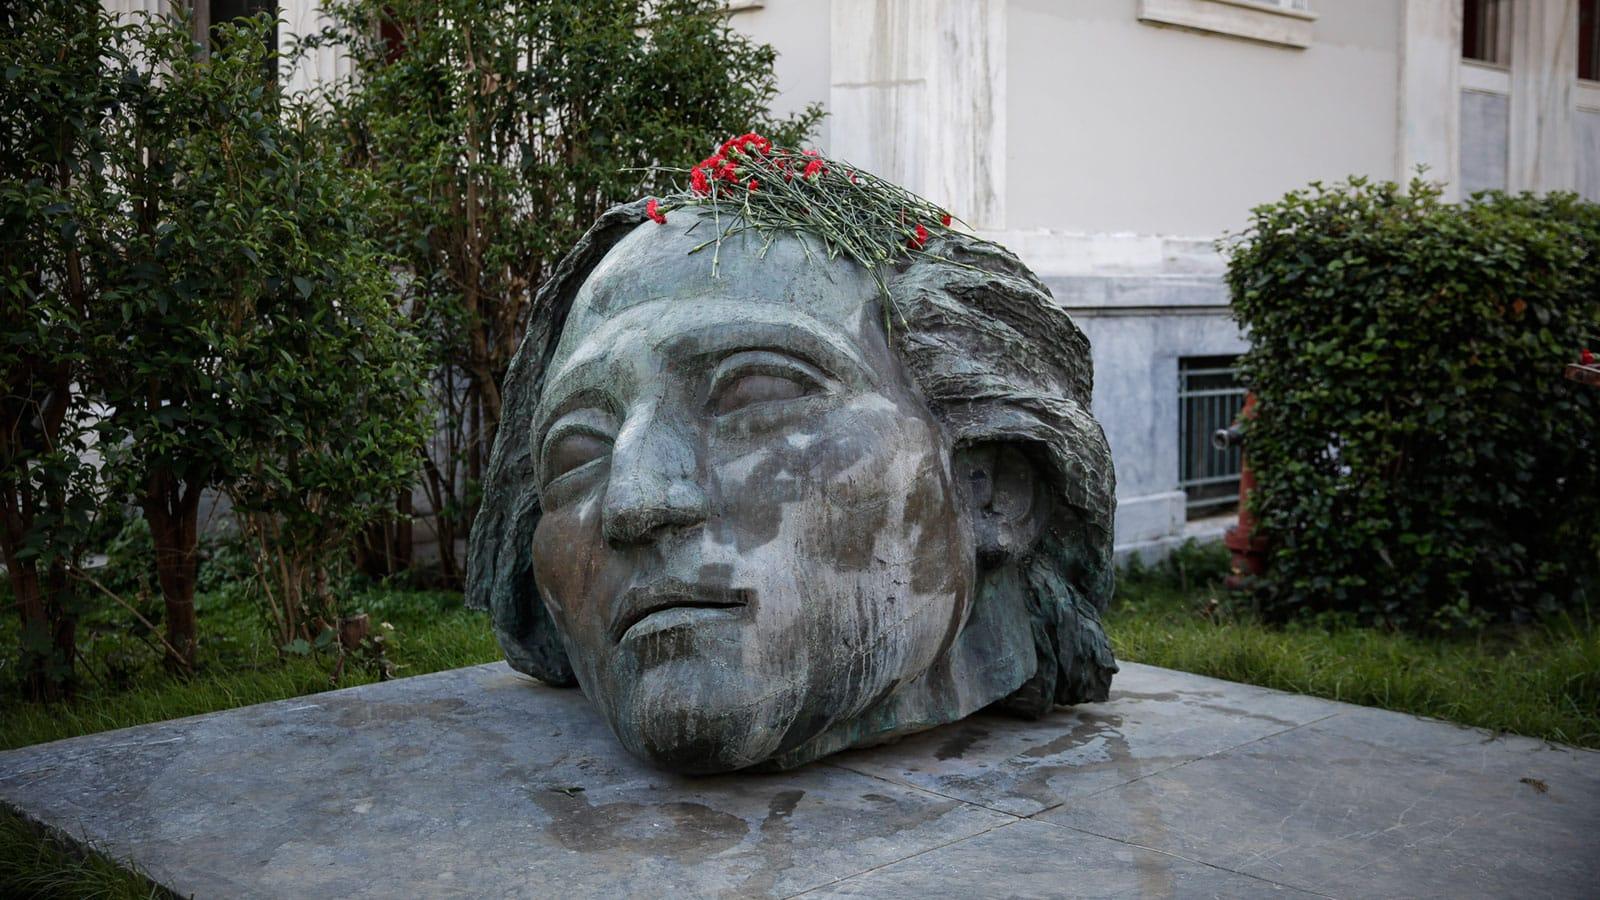 Πολυτεχνείο 2020: Ιστορικό κοινό κείμενο ΣΥΡΙΖΑ ΚΚΕ ΜΕΡΑ25